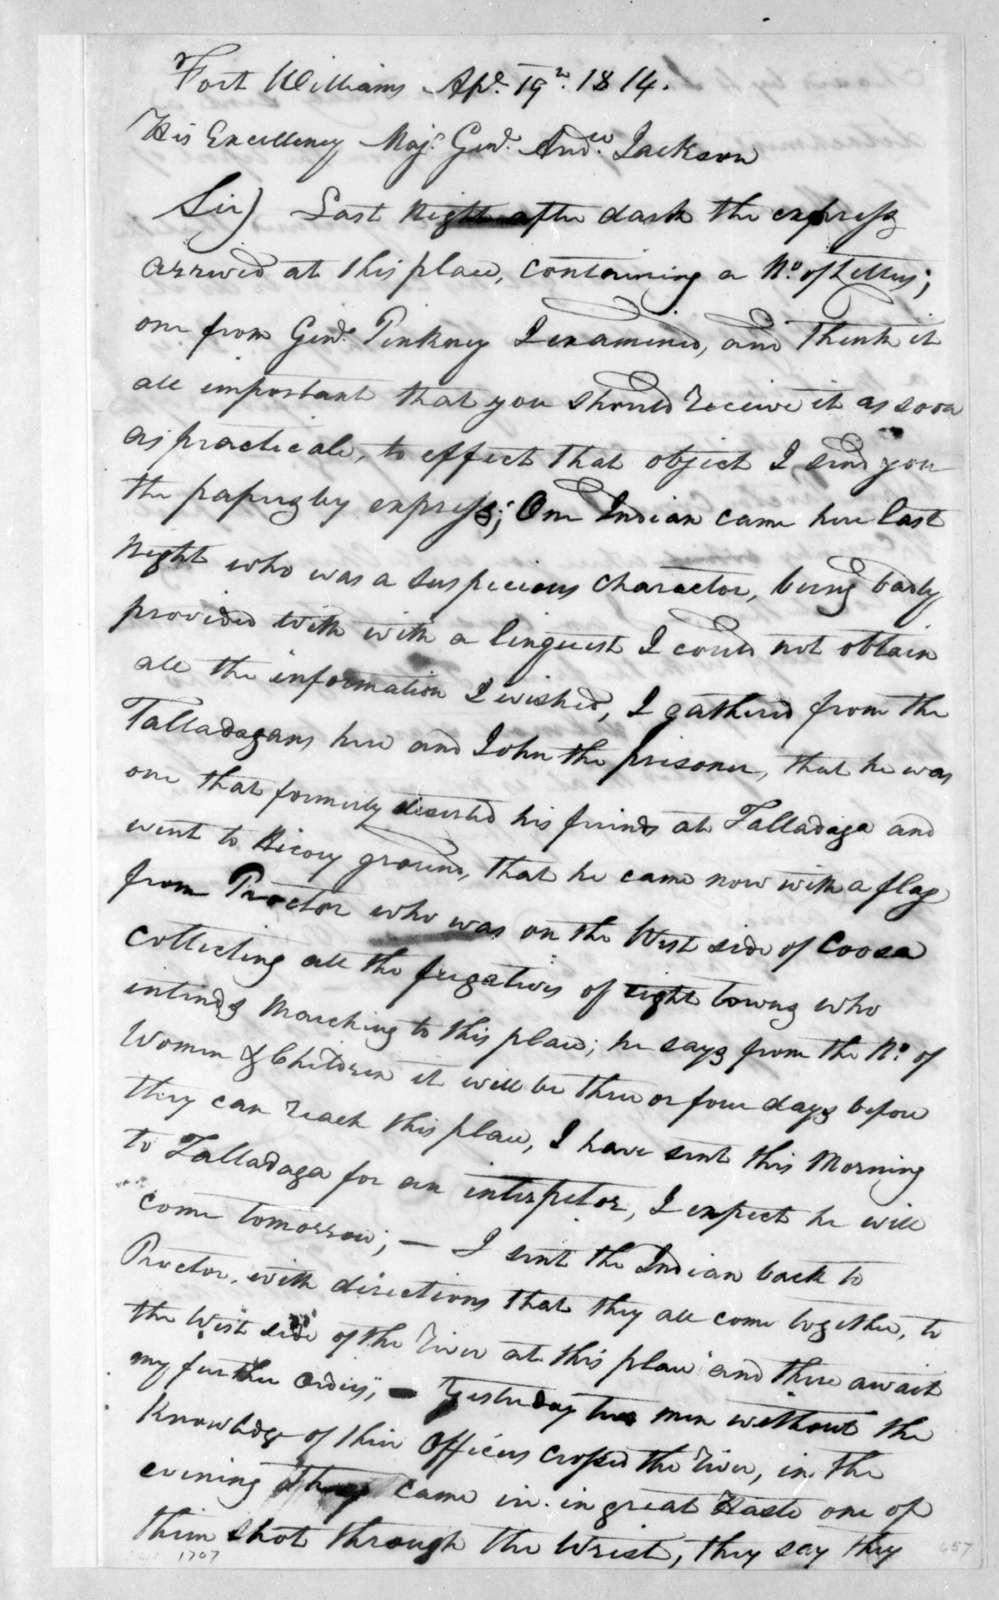 Thomas Johnson to Andrew Jackson, April 19, 1814